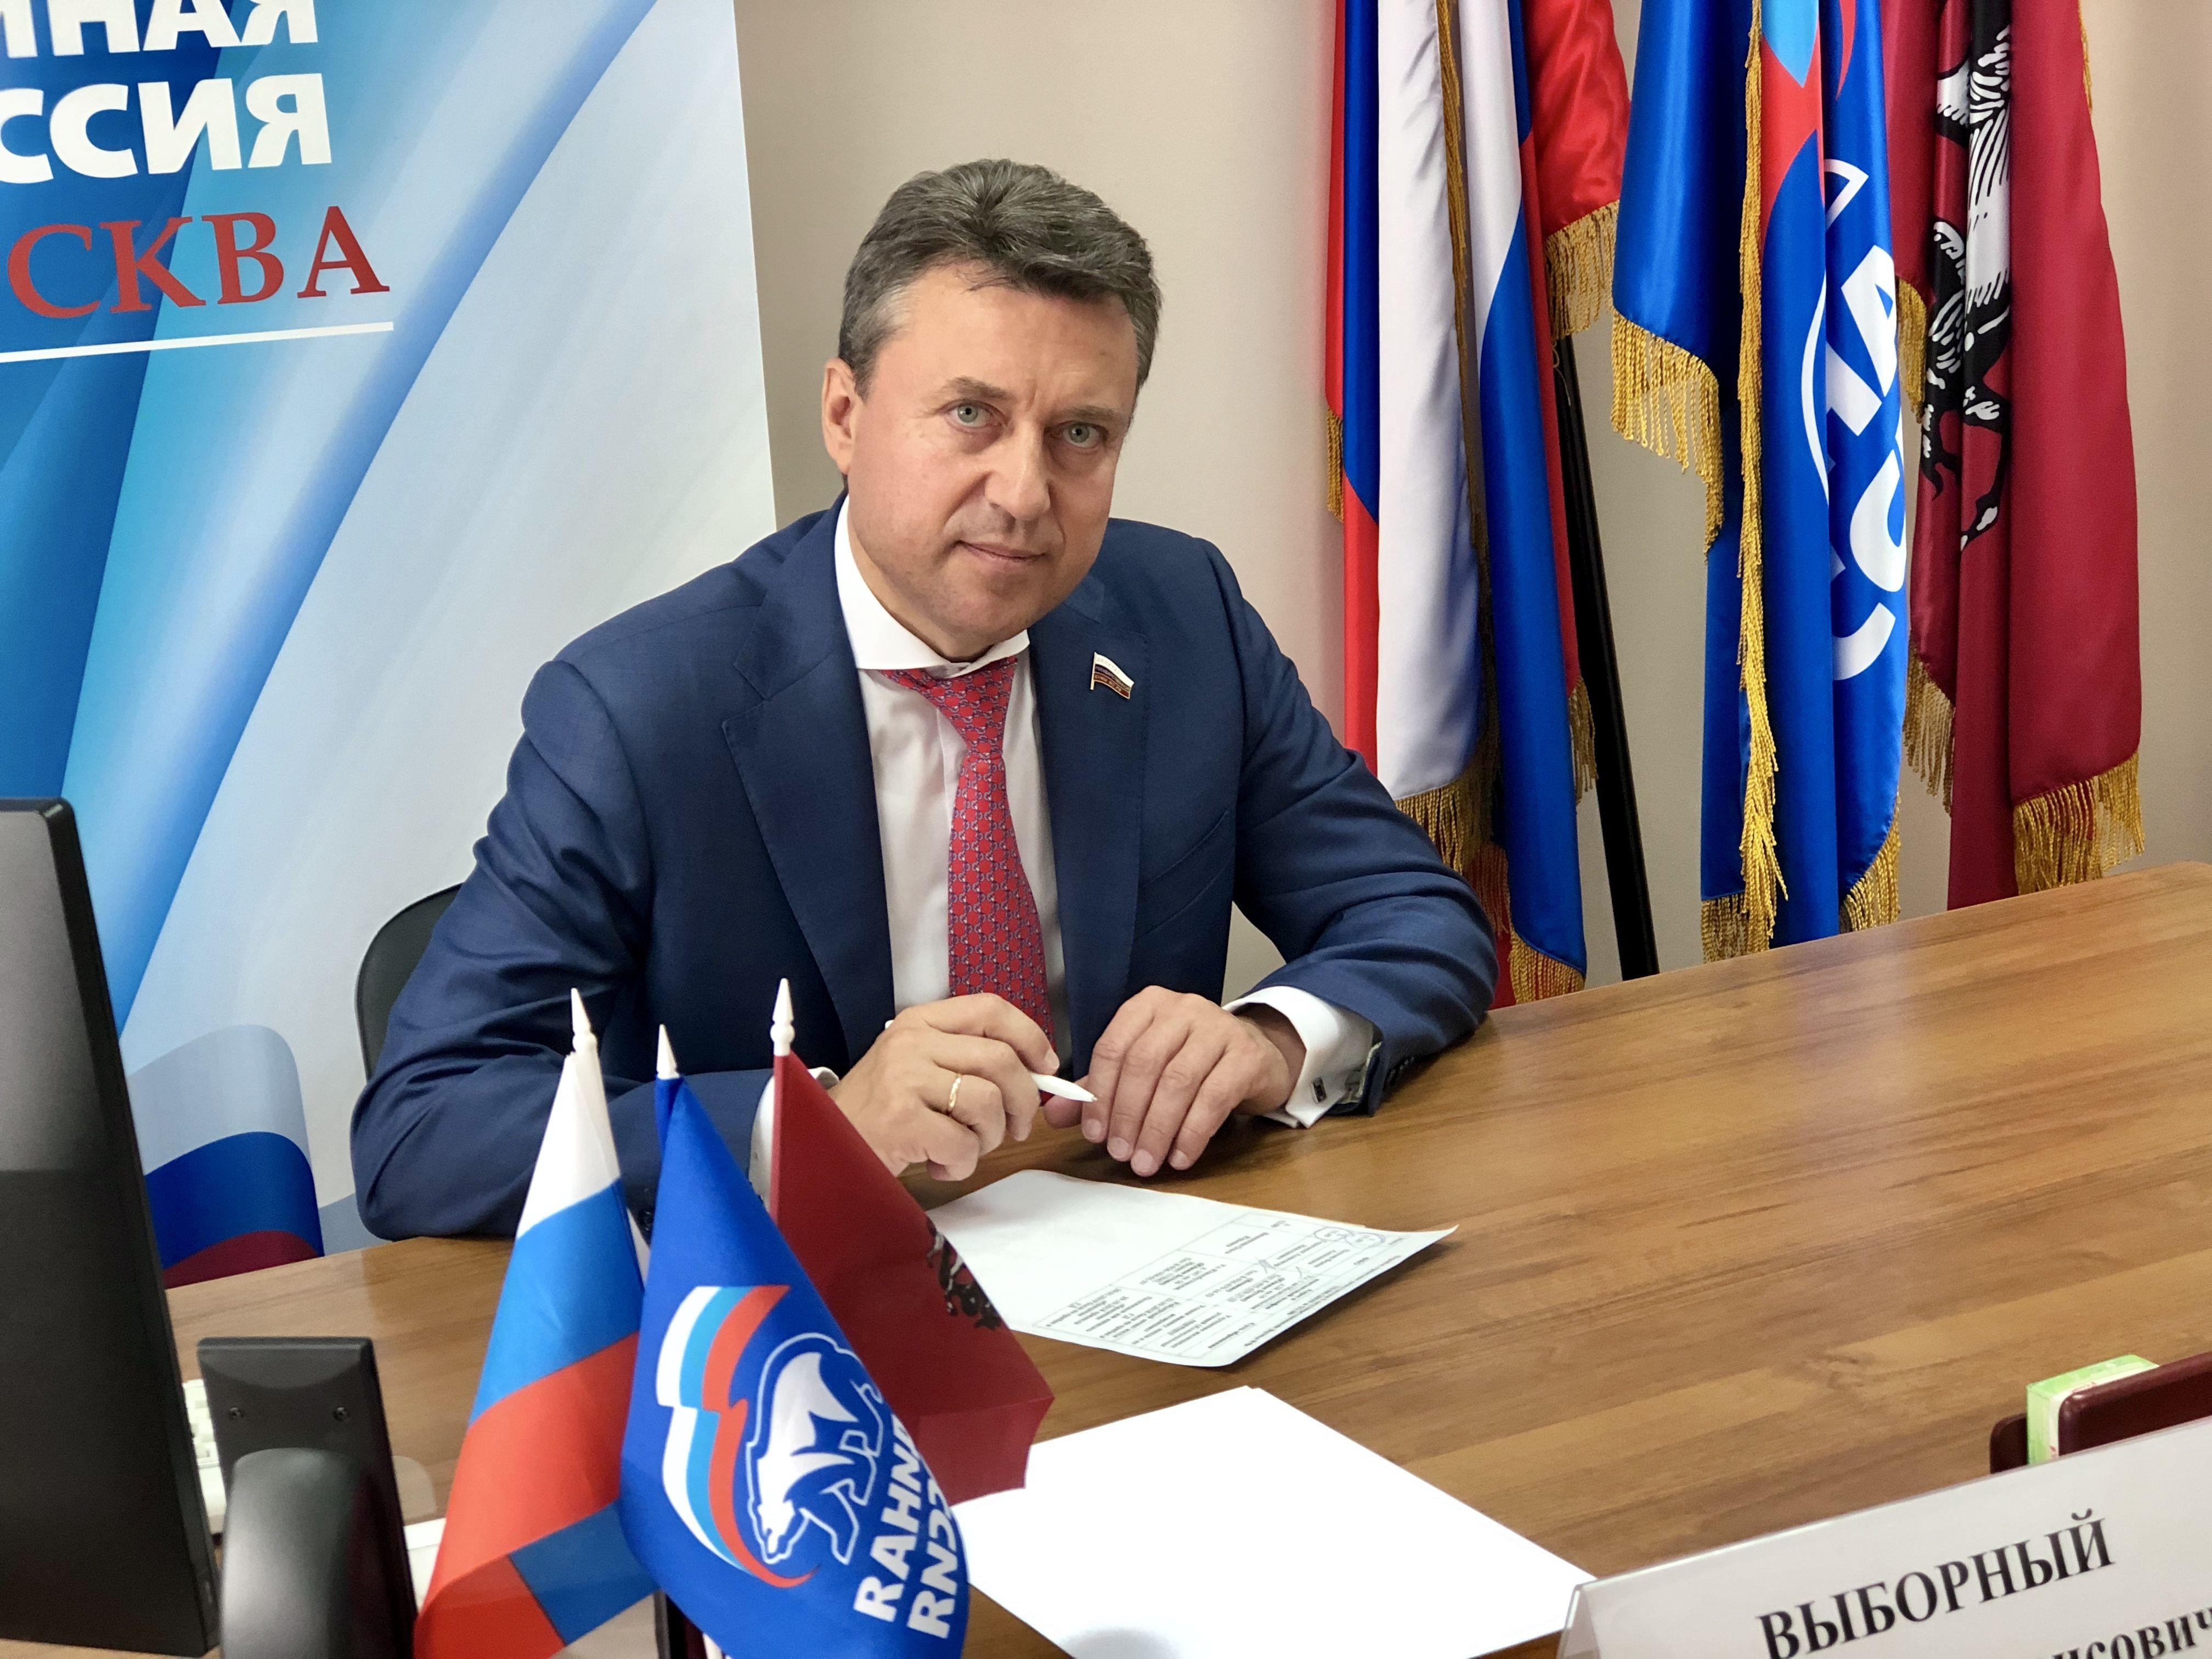 Анатолий ВЫБОРНЫЙ: «Чиновников будут наказывать за оскорбление граждан»